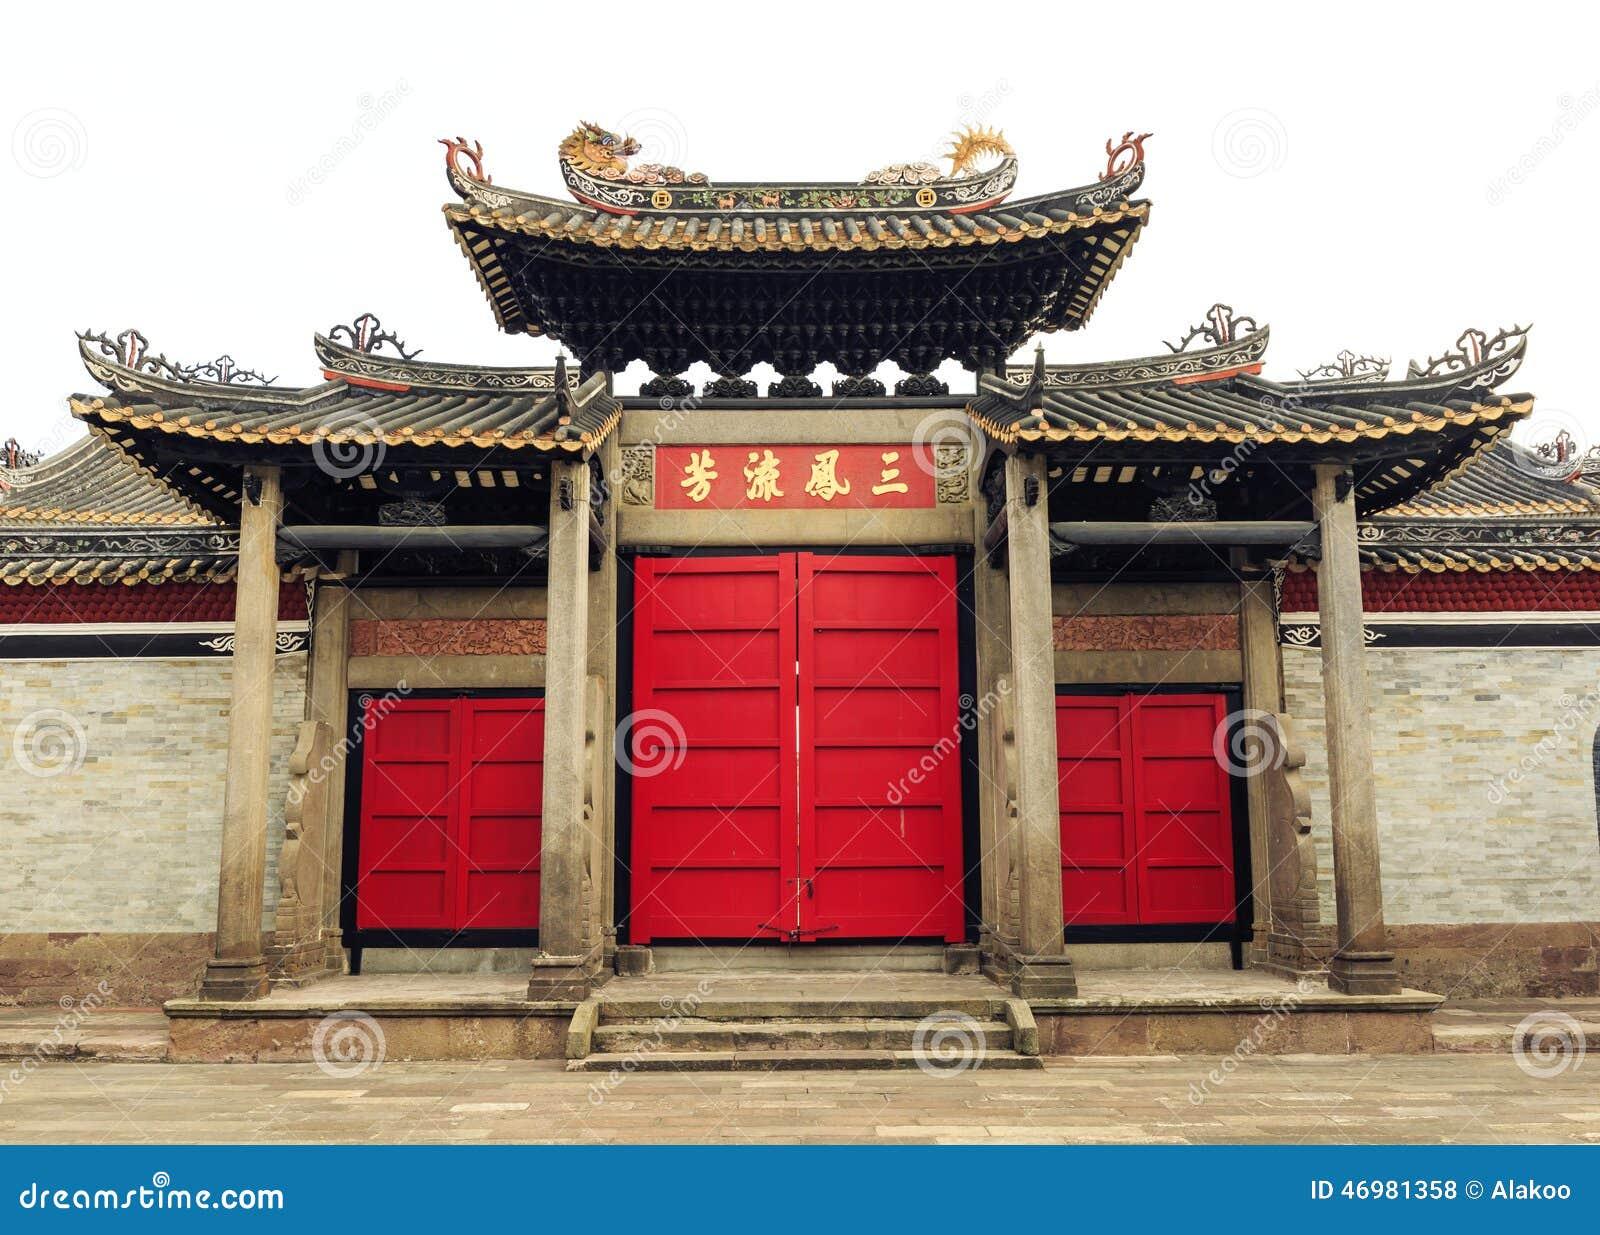 Zurück von der Tür chinesischen traditionellen Gebäudes Asiens mit Design und Muster der orientalischen klassischen Art in China